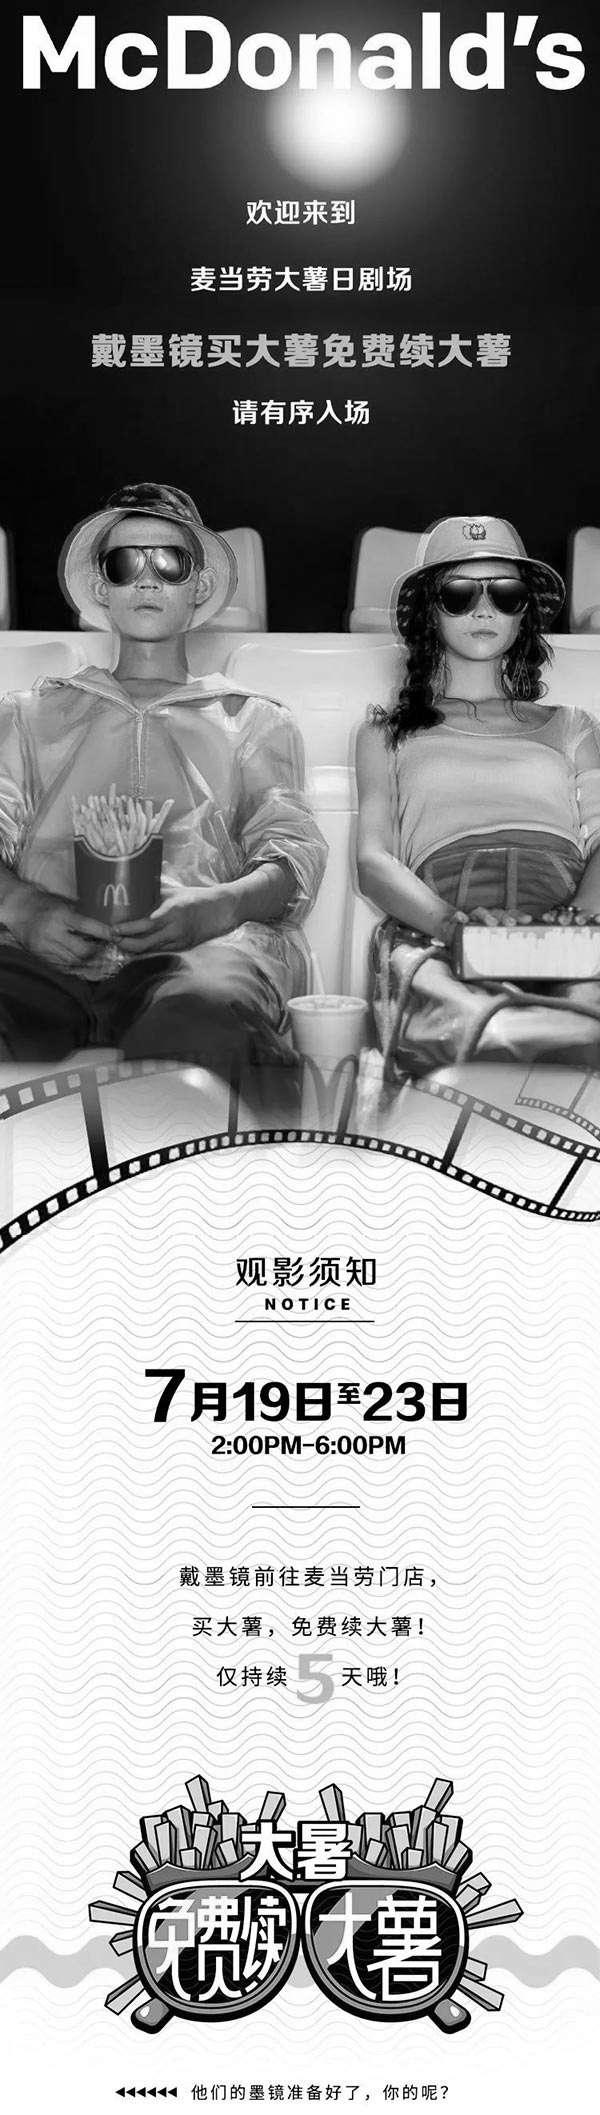 黑白优惠券图片:麦当劳大暑免费续大薯,2019大薯日戴墨镜买大薯条免费续大薯条 - www.5ikfc.com